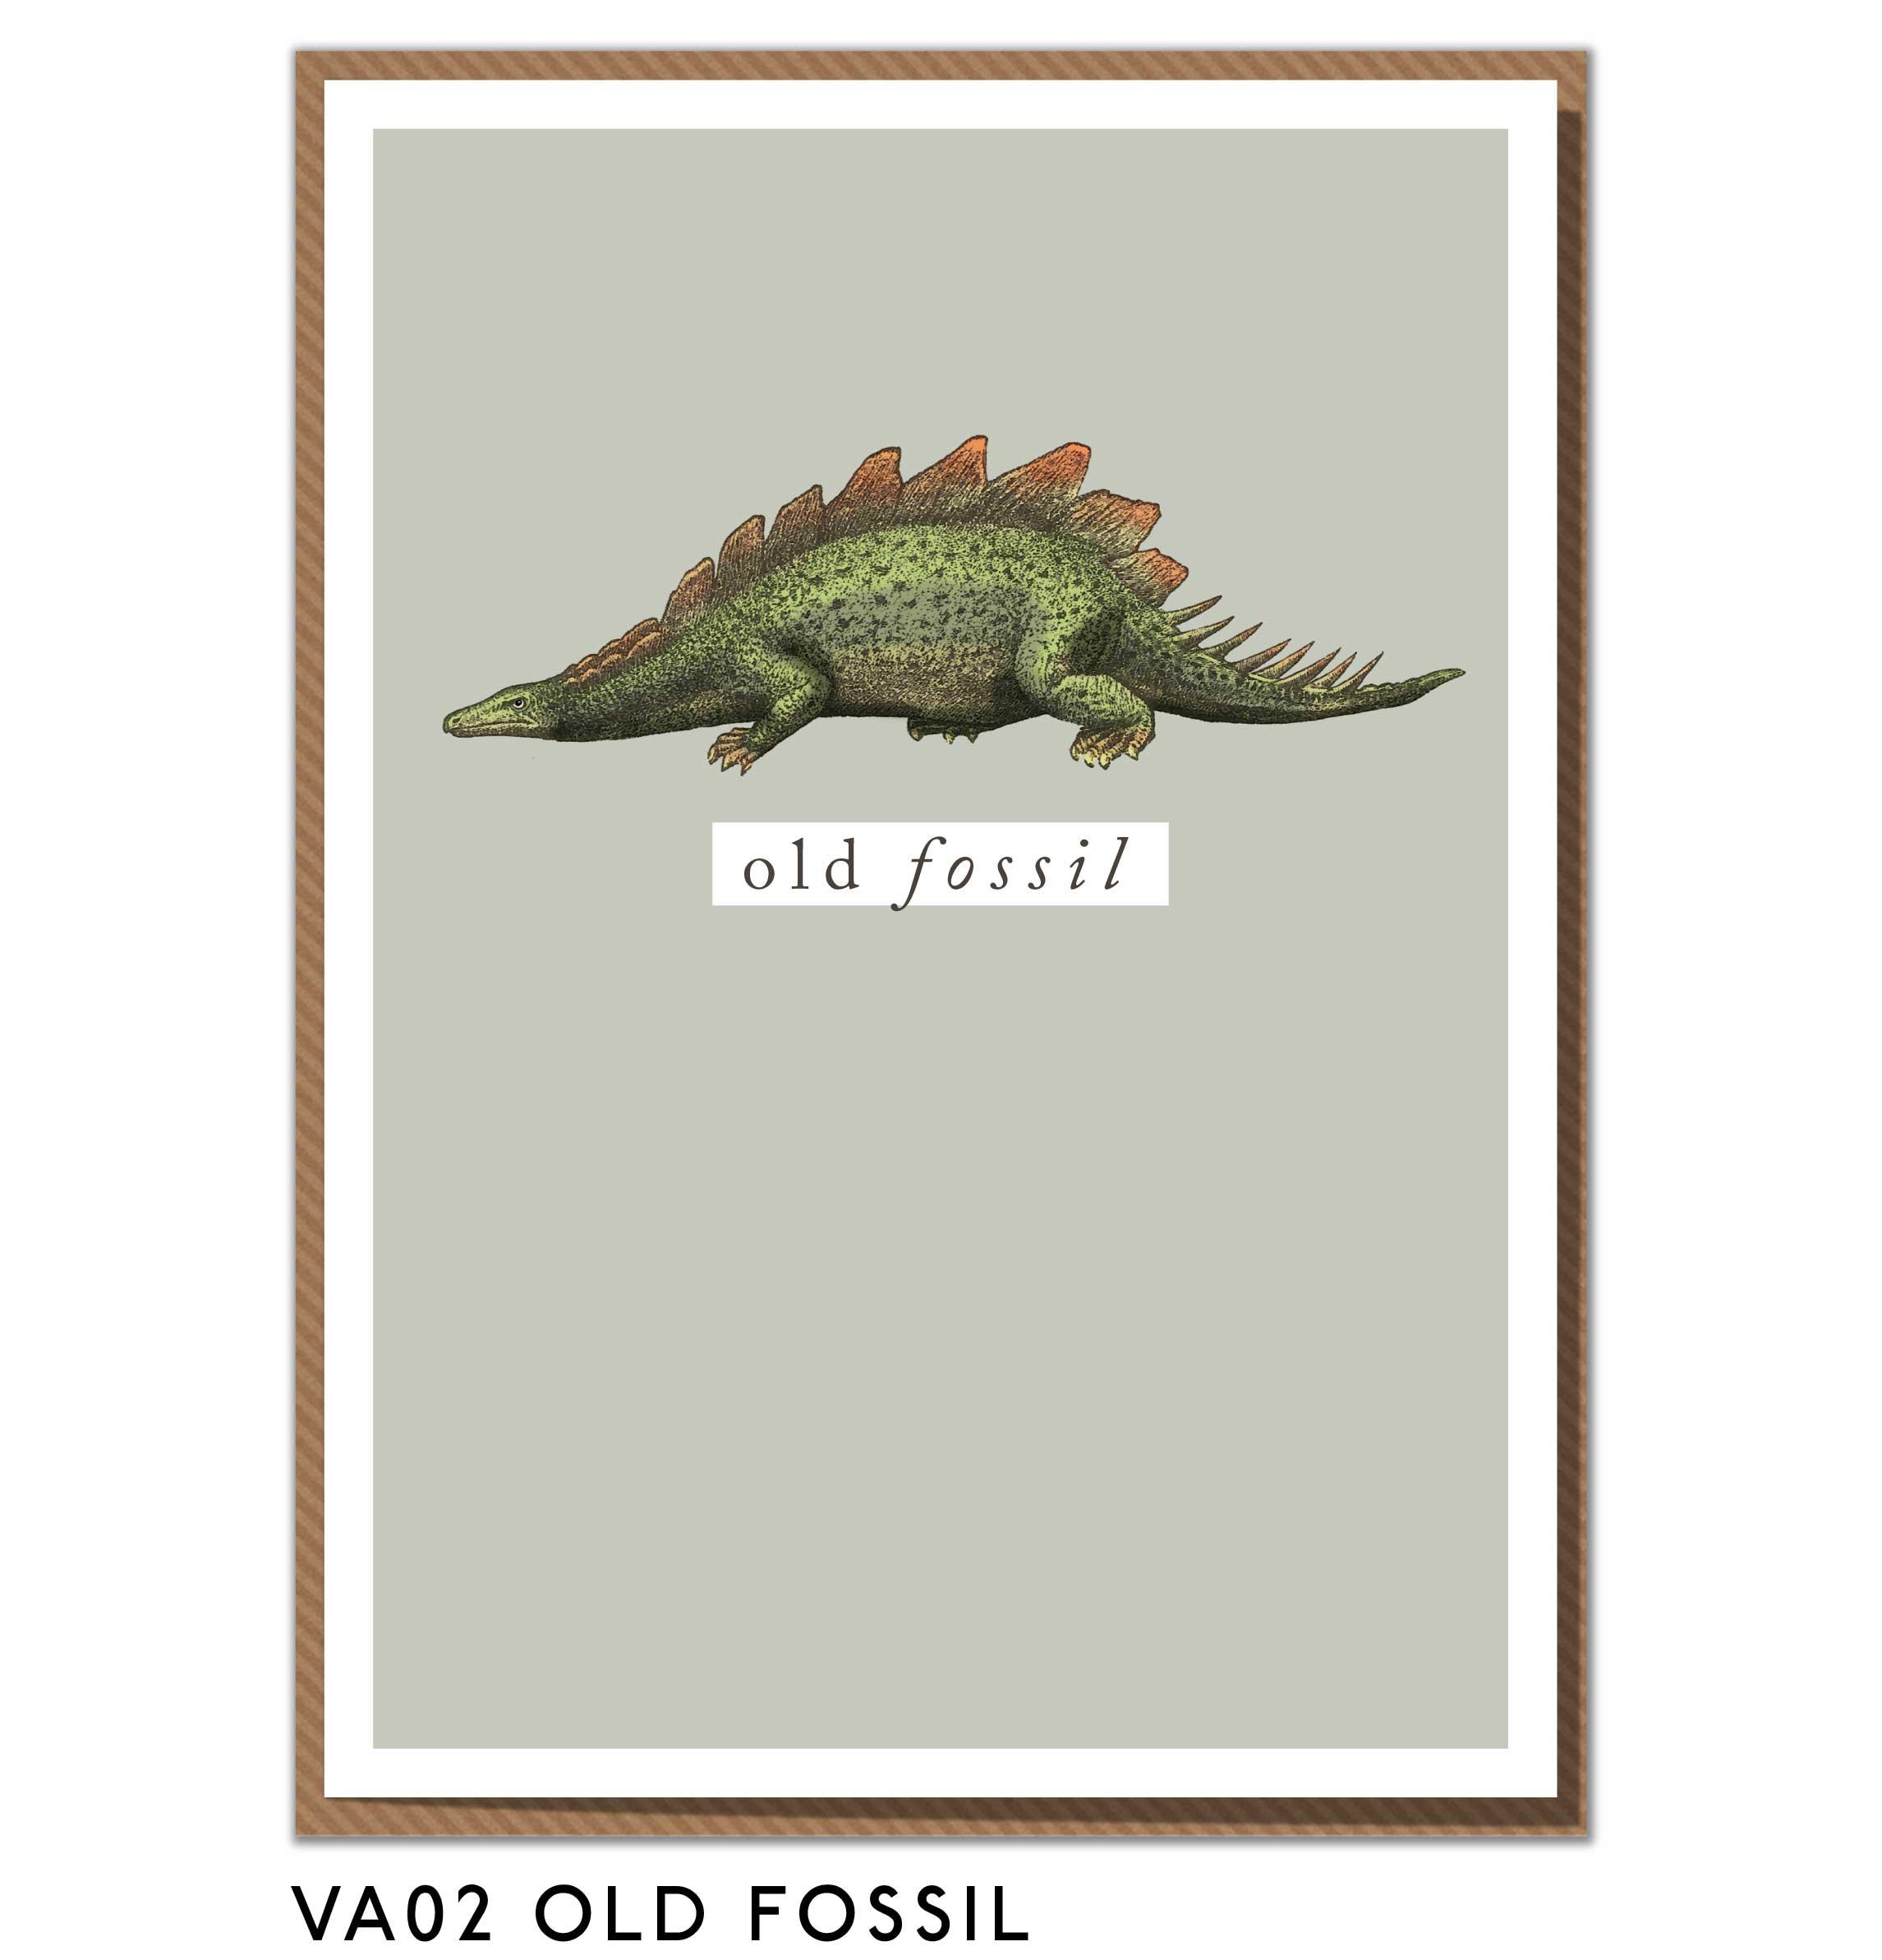 VA02-OLD-FOSSIL-.jpg